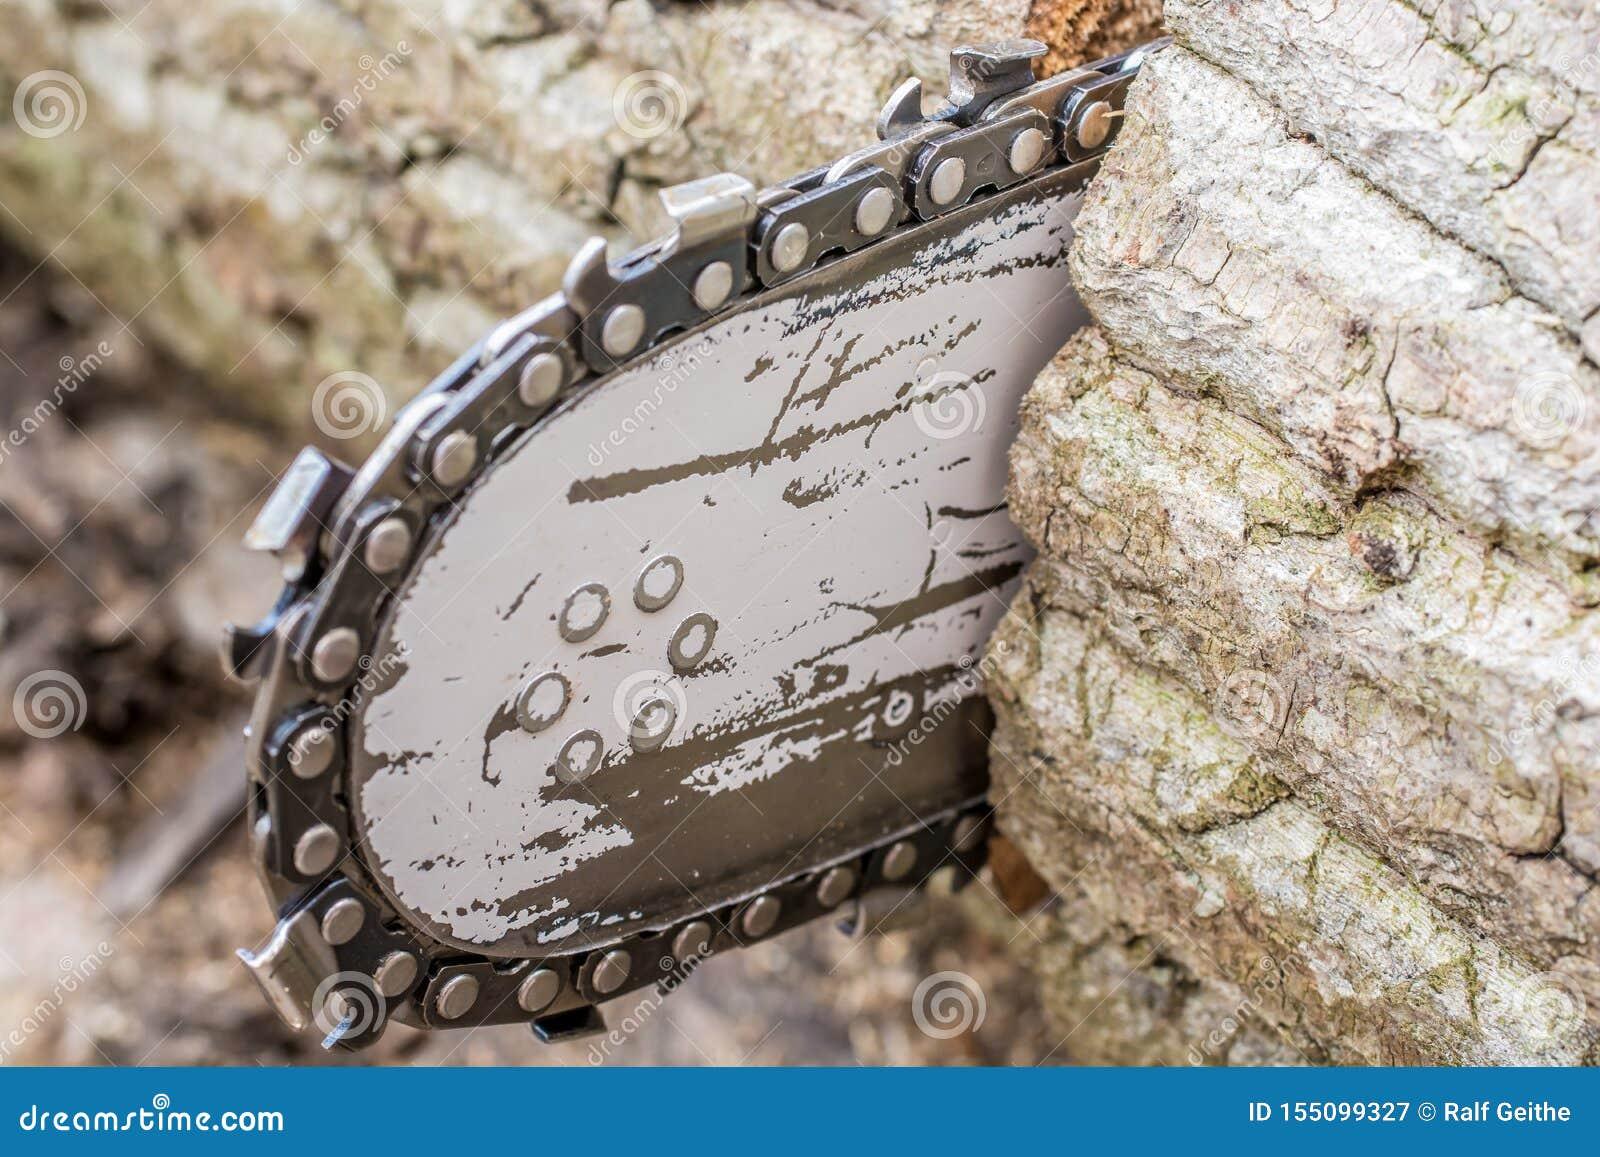 Detalhe de uma serra de cadeia ao ver um tronco de árvore